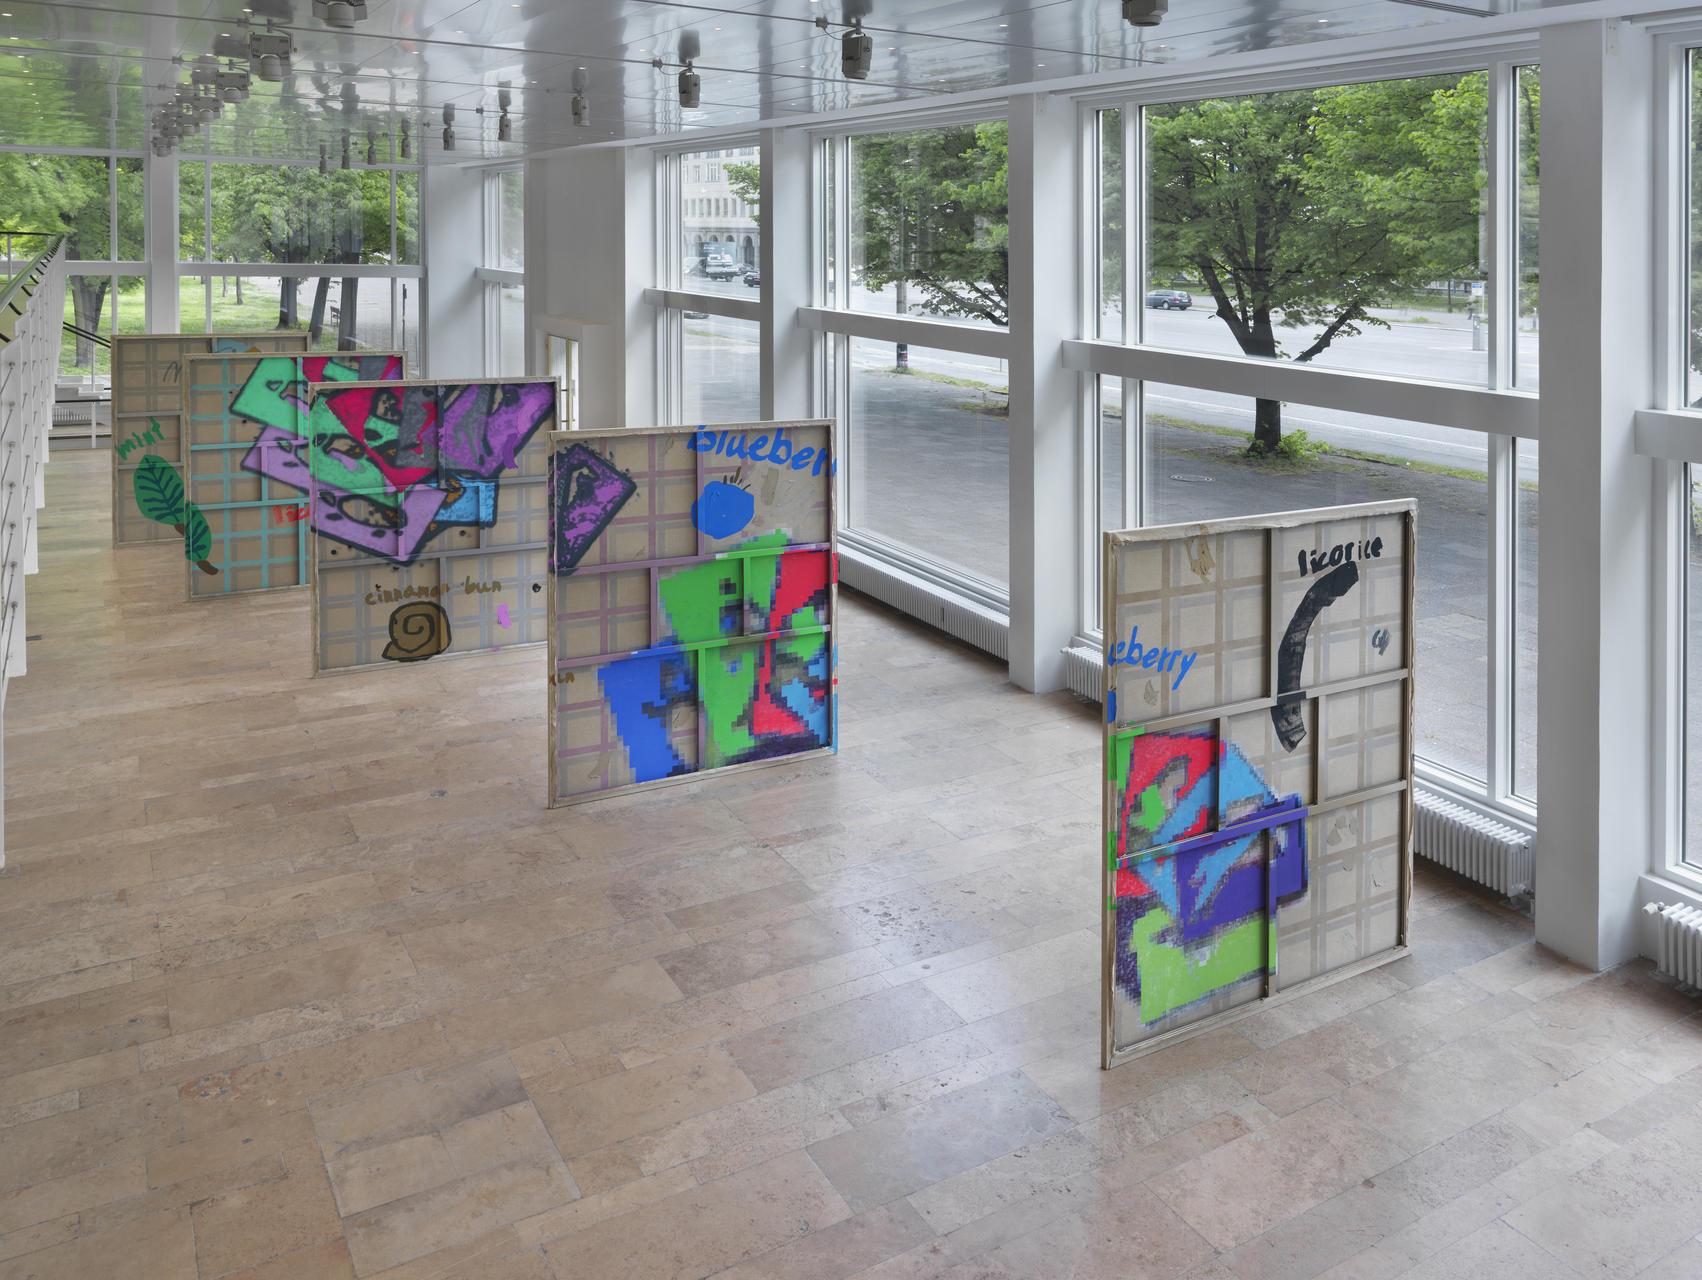 Owens_Installation view_11